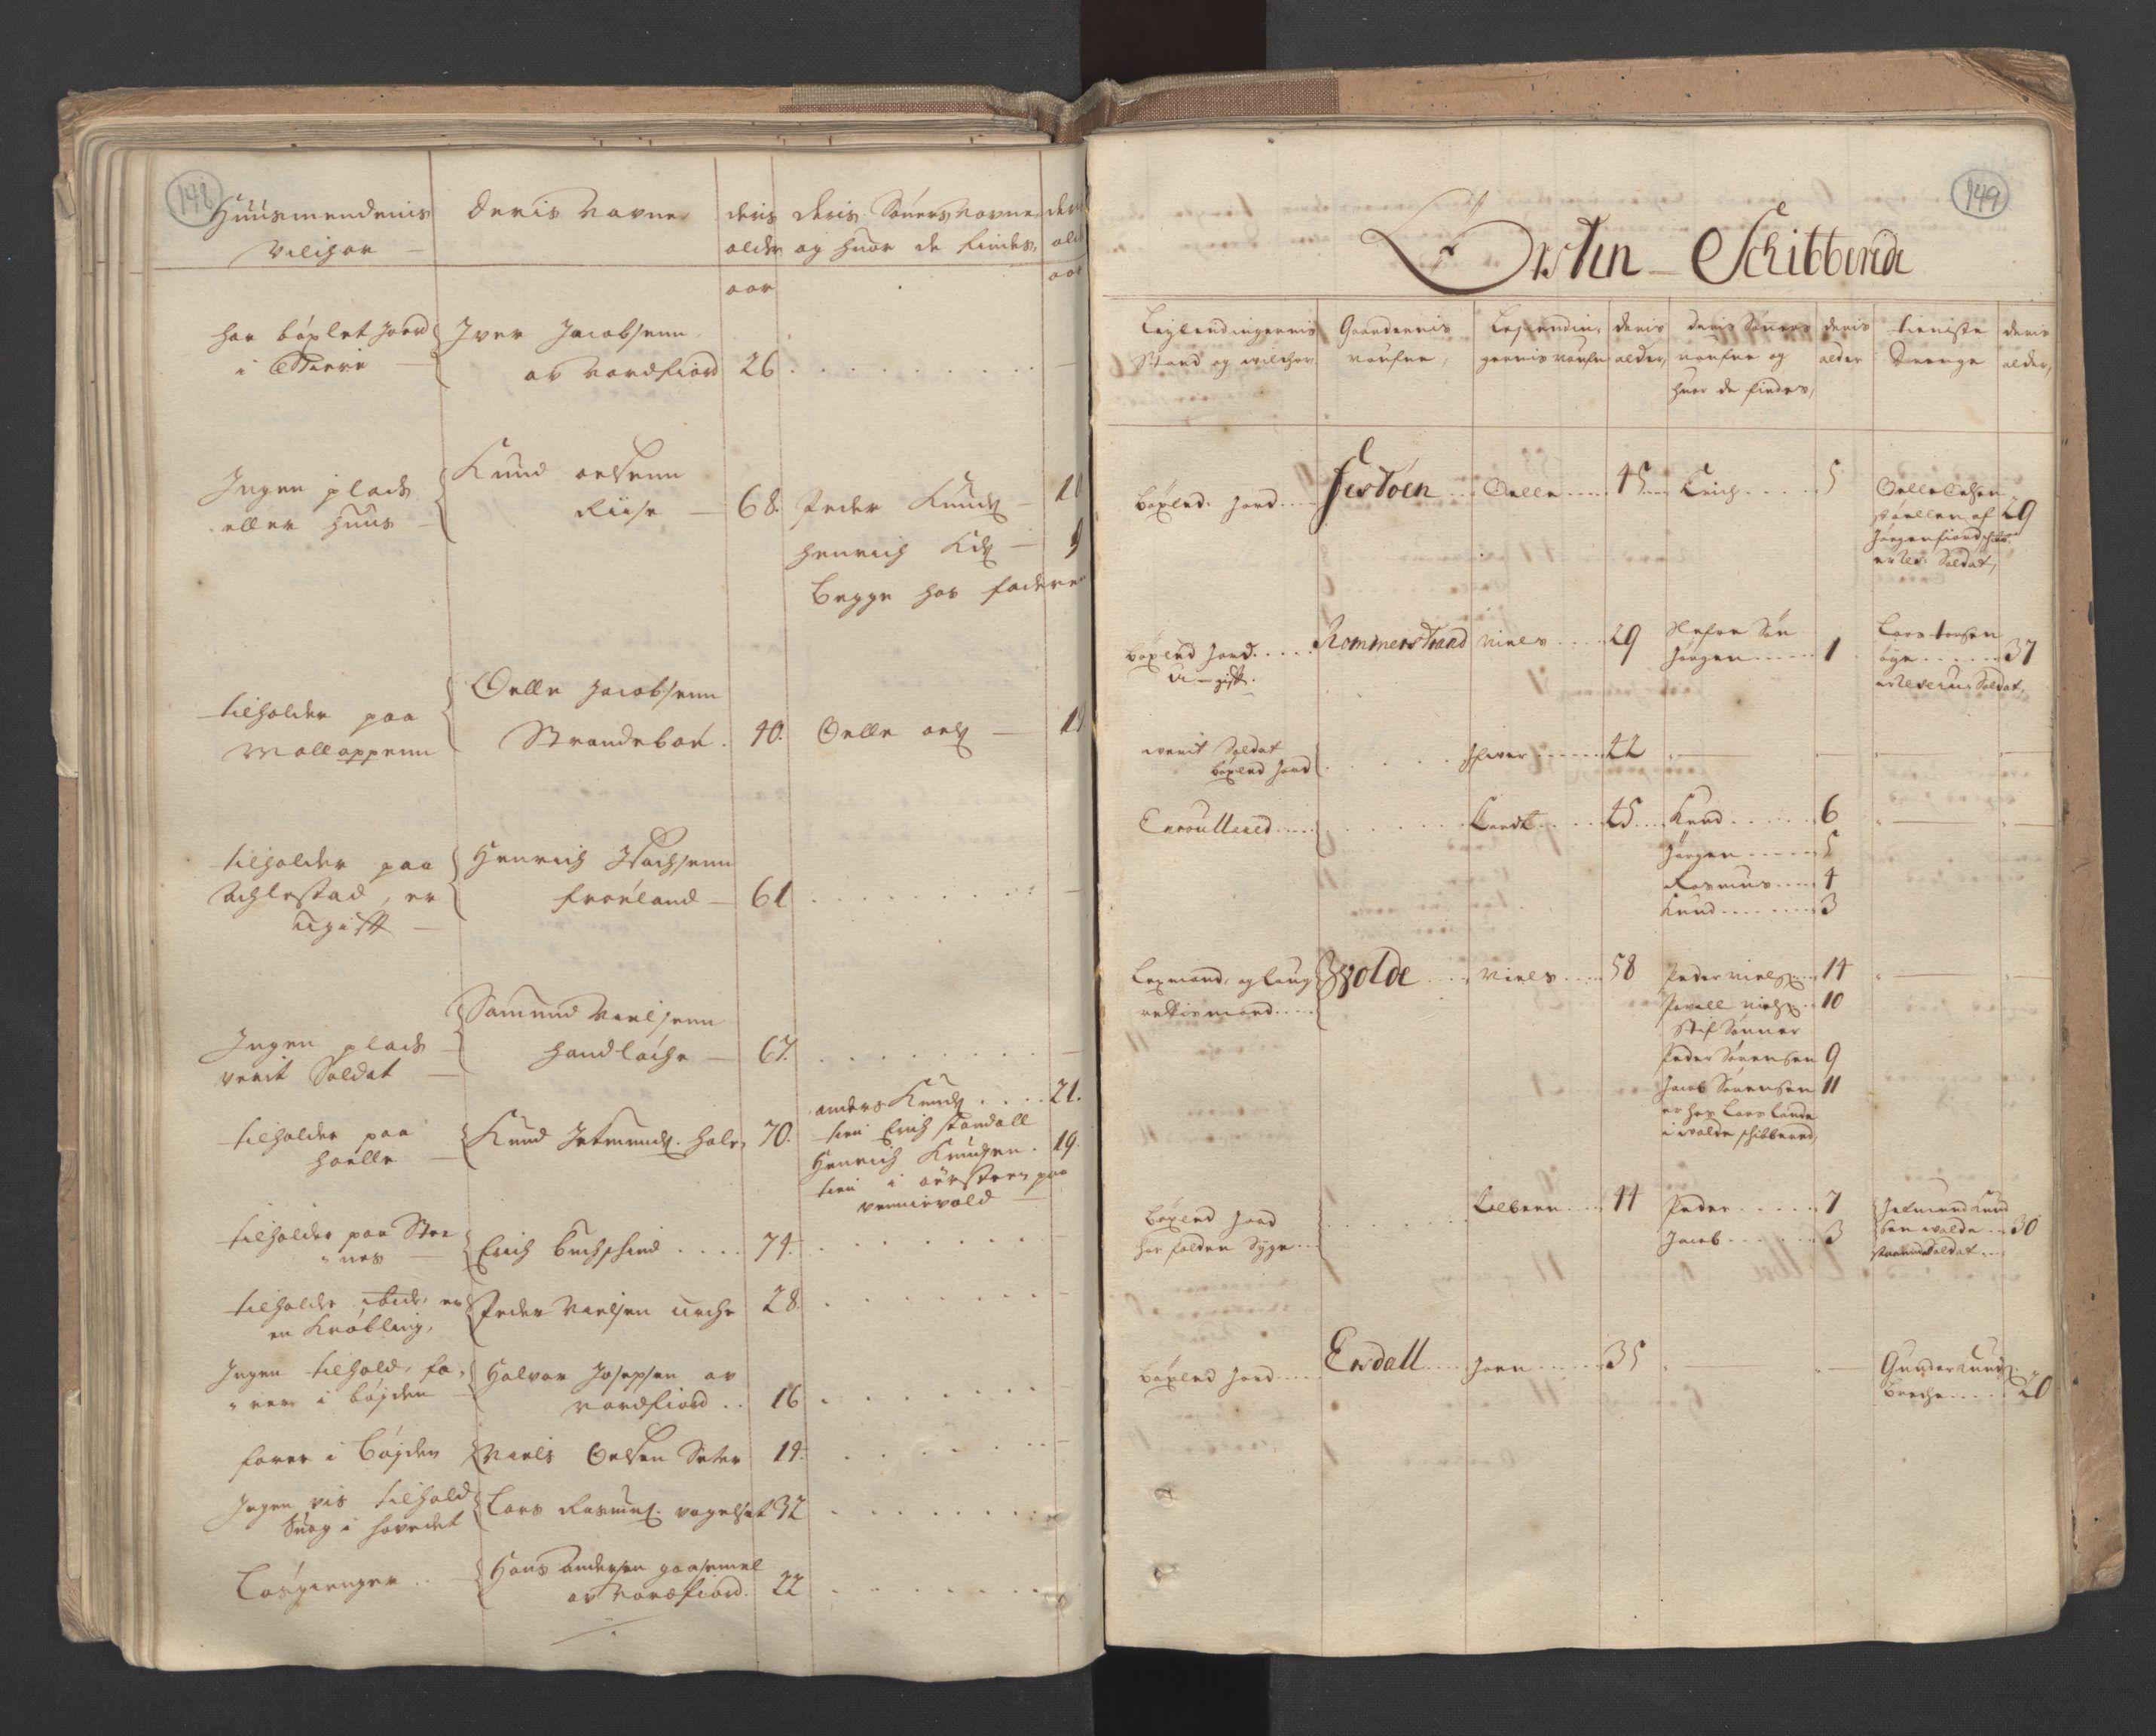 RA, Manntallet 1701, nr. 10: Sunnmøre fogderi, 1701, s. 148-149